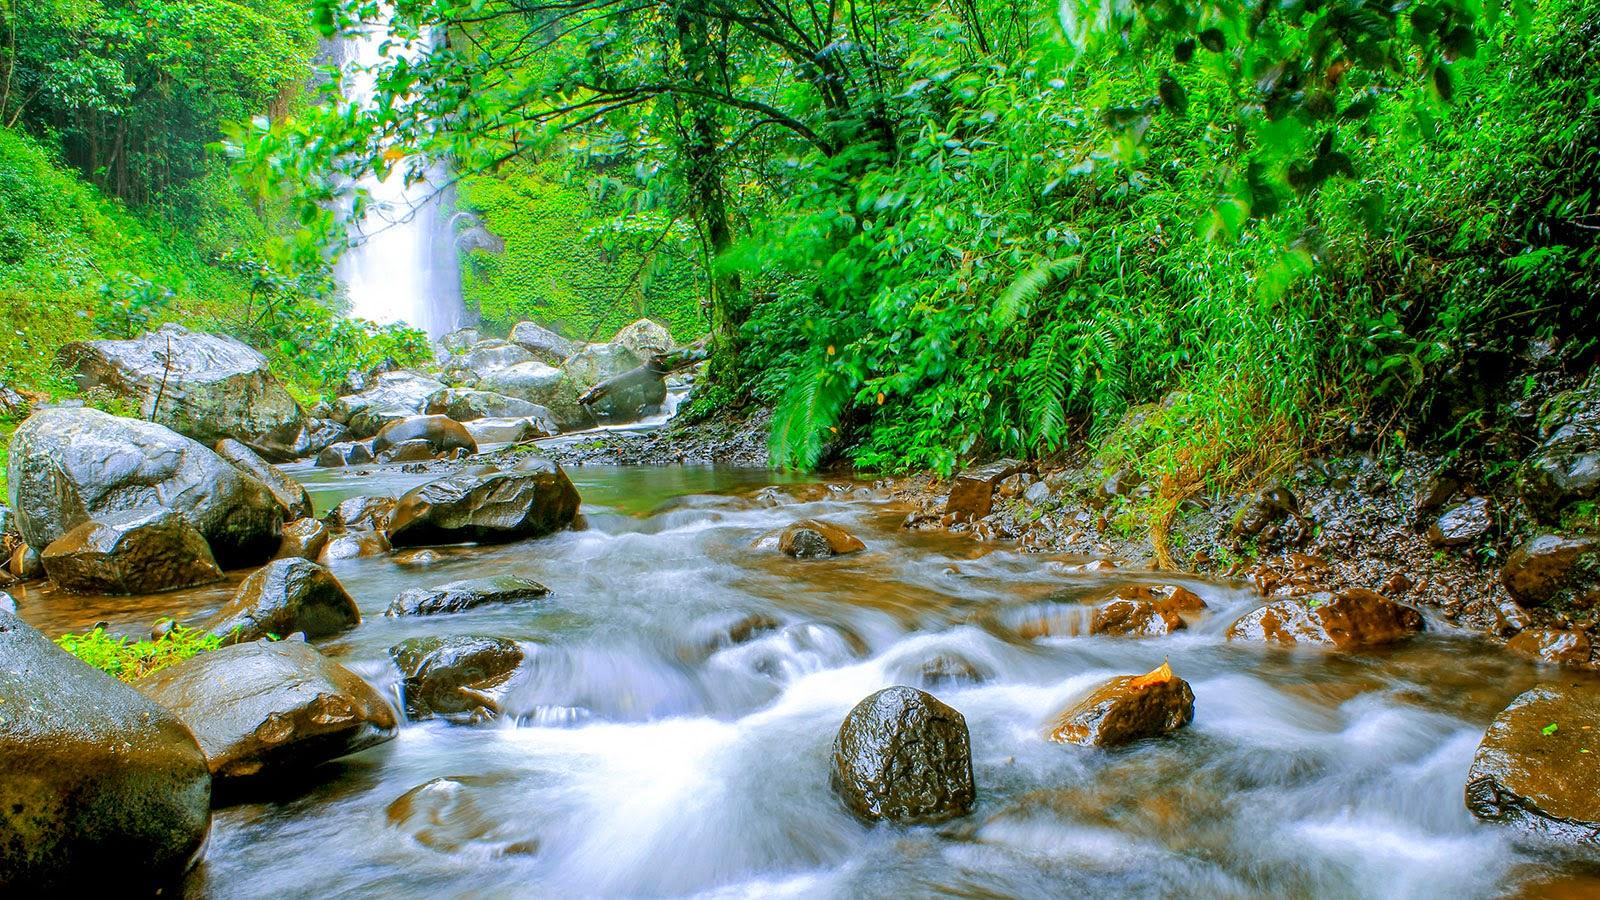 Air Terjun Kembar Barambang Sinjai